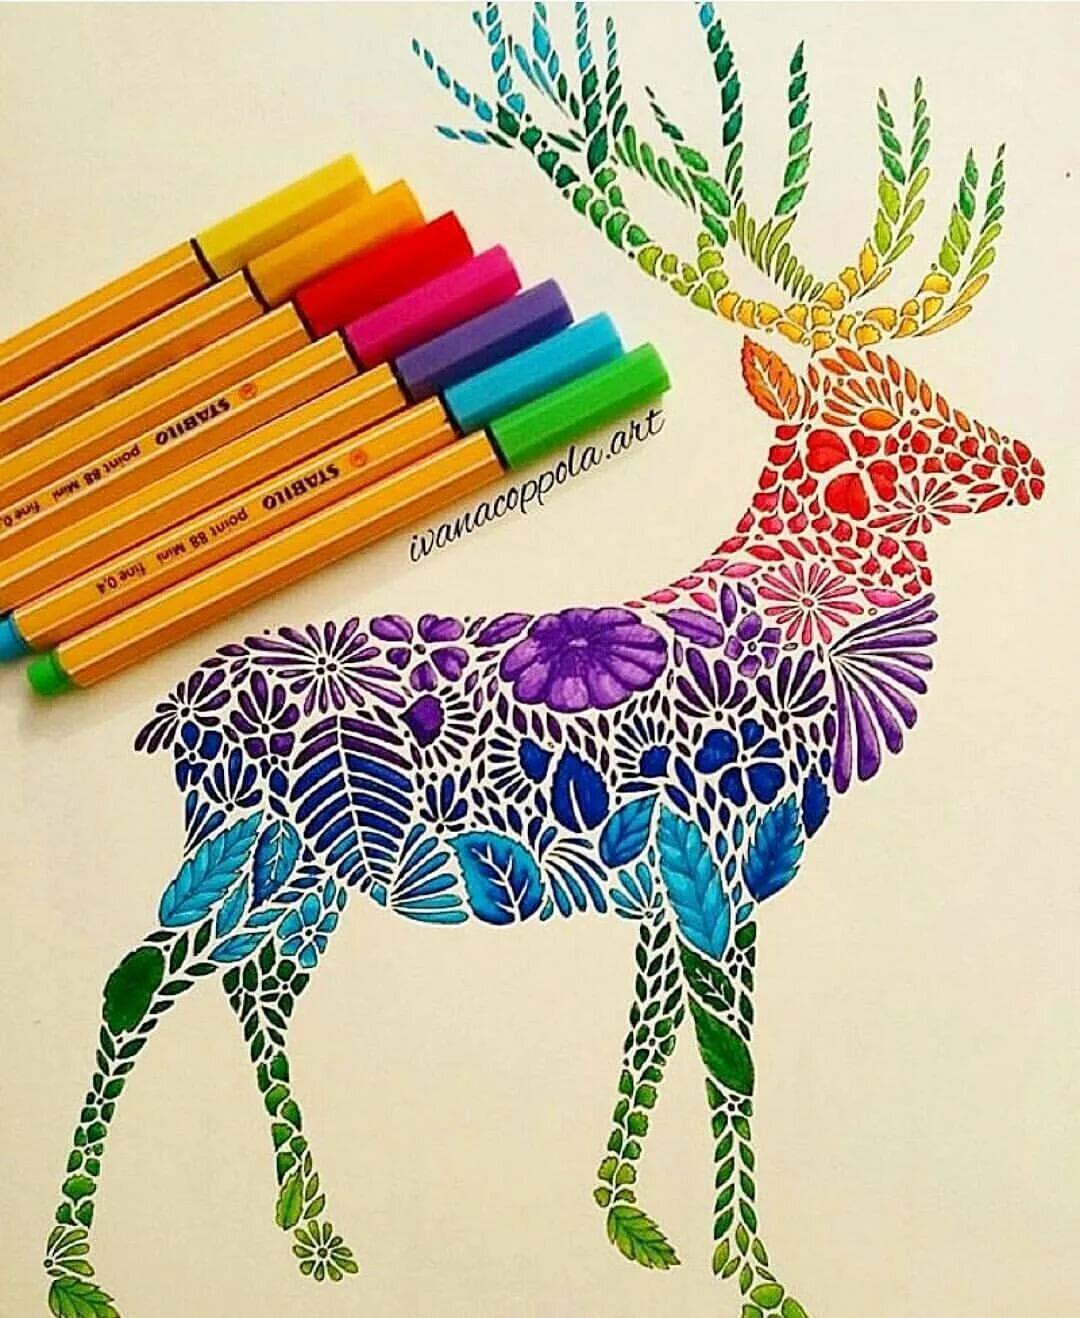 мастеров картинки рисовать фломастерами и карандашами создании интерьера